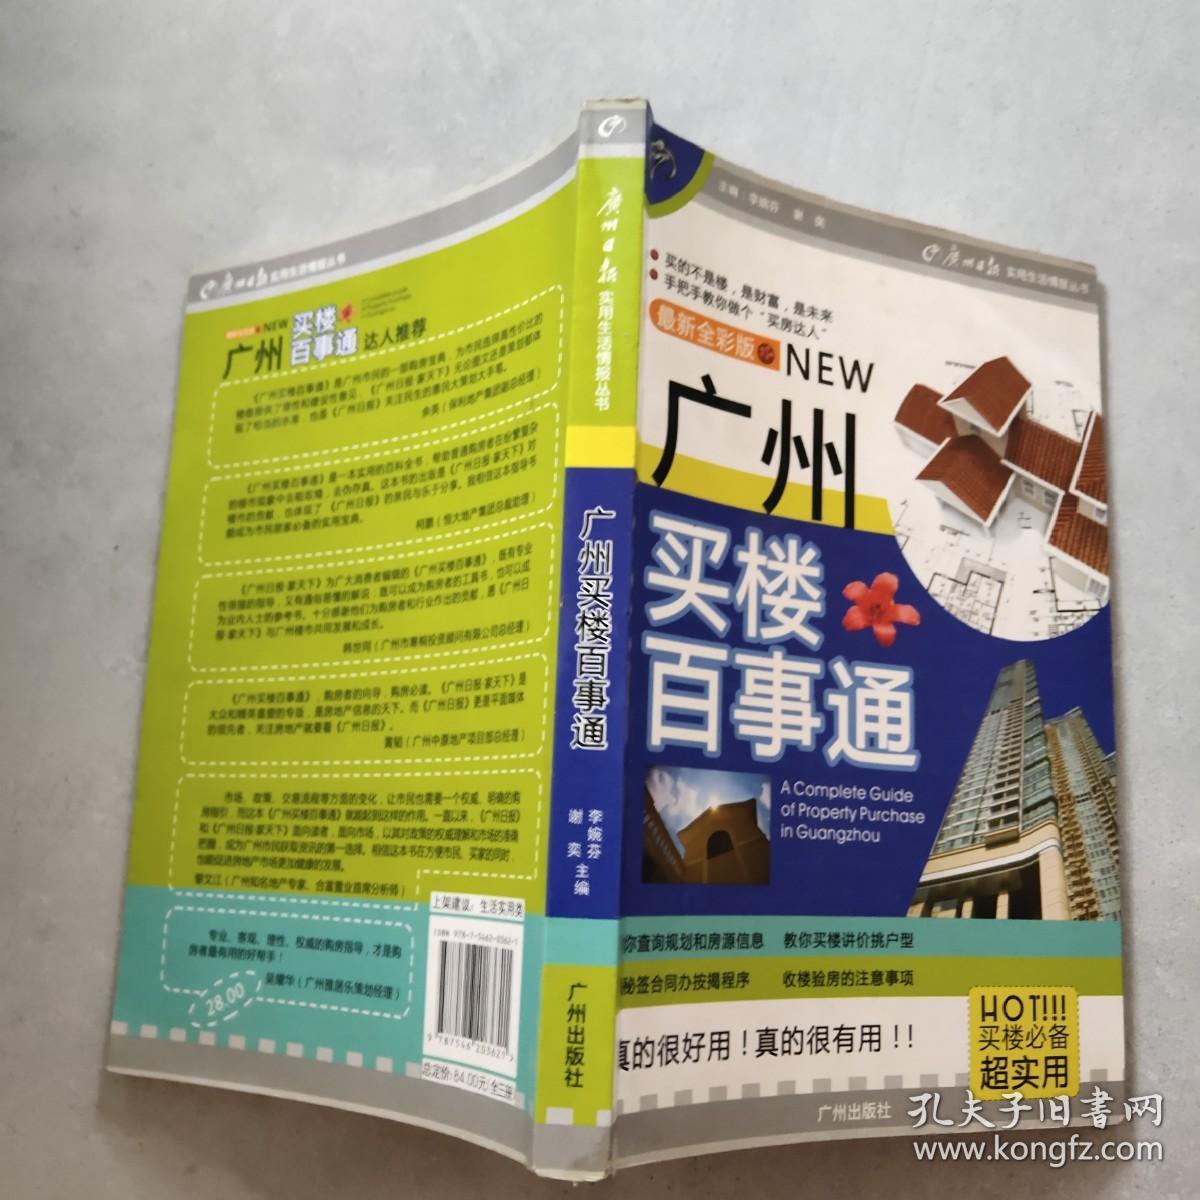 广州买楼百事通 最新全彩版